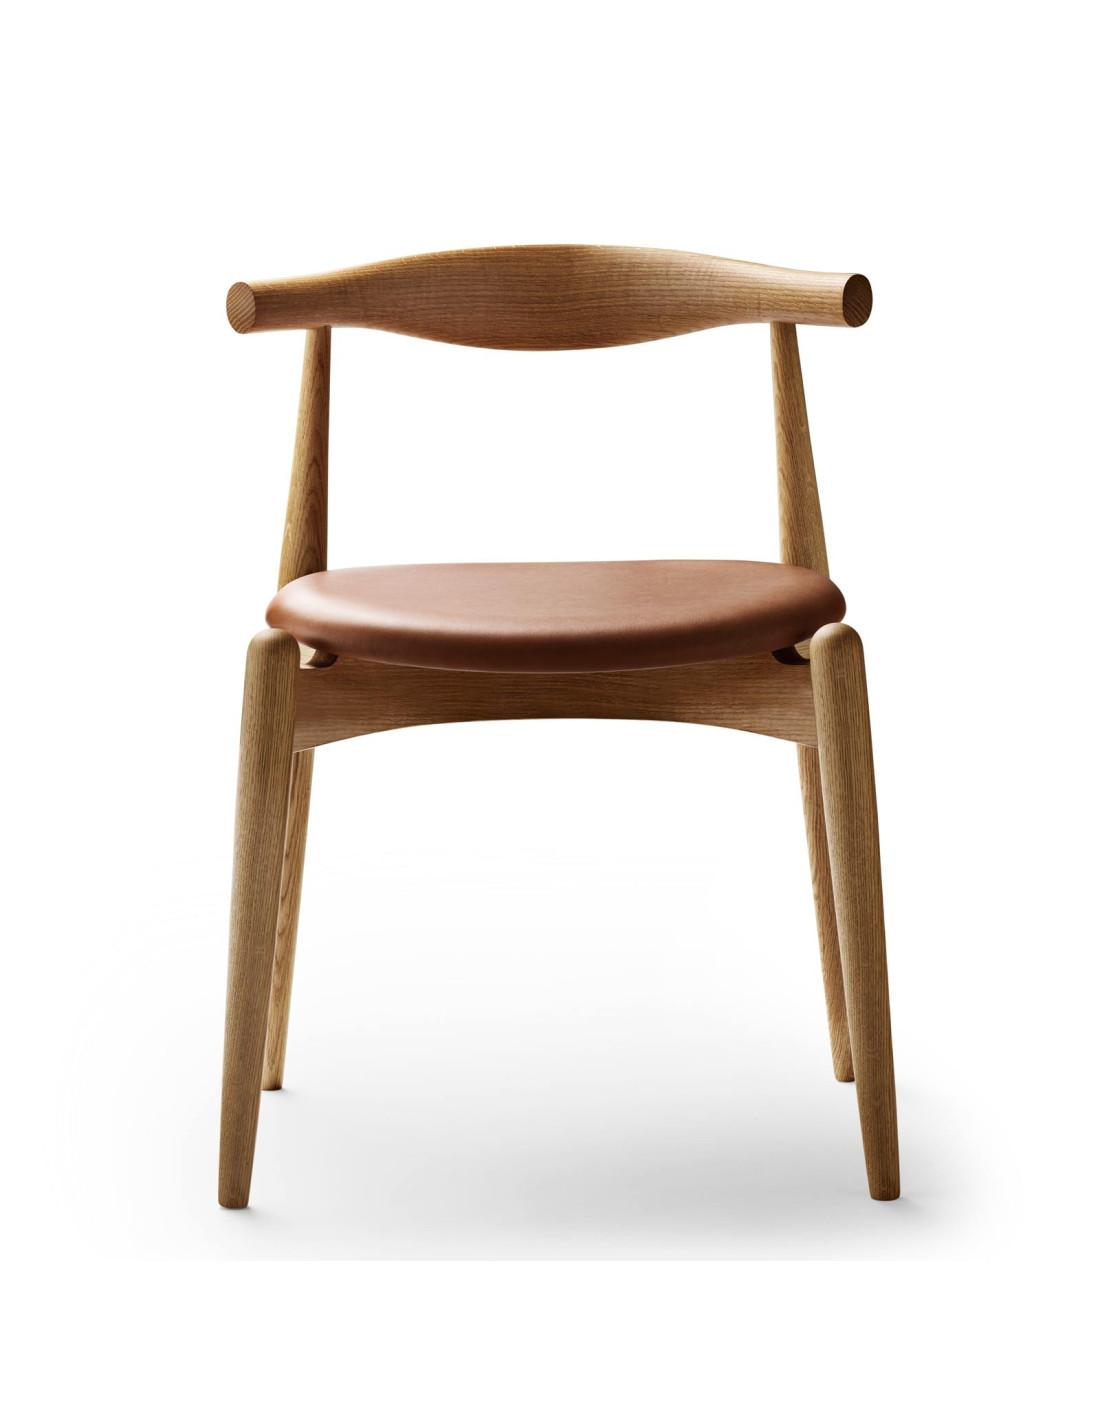 chaise ch20 design hans wegner pour carl hansen la. Black Bedroom Furniture Sets. Home Design Ideas